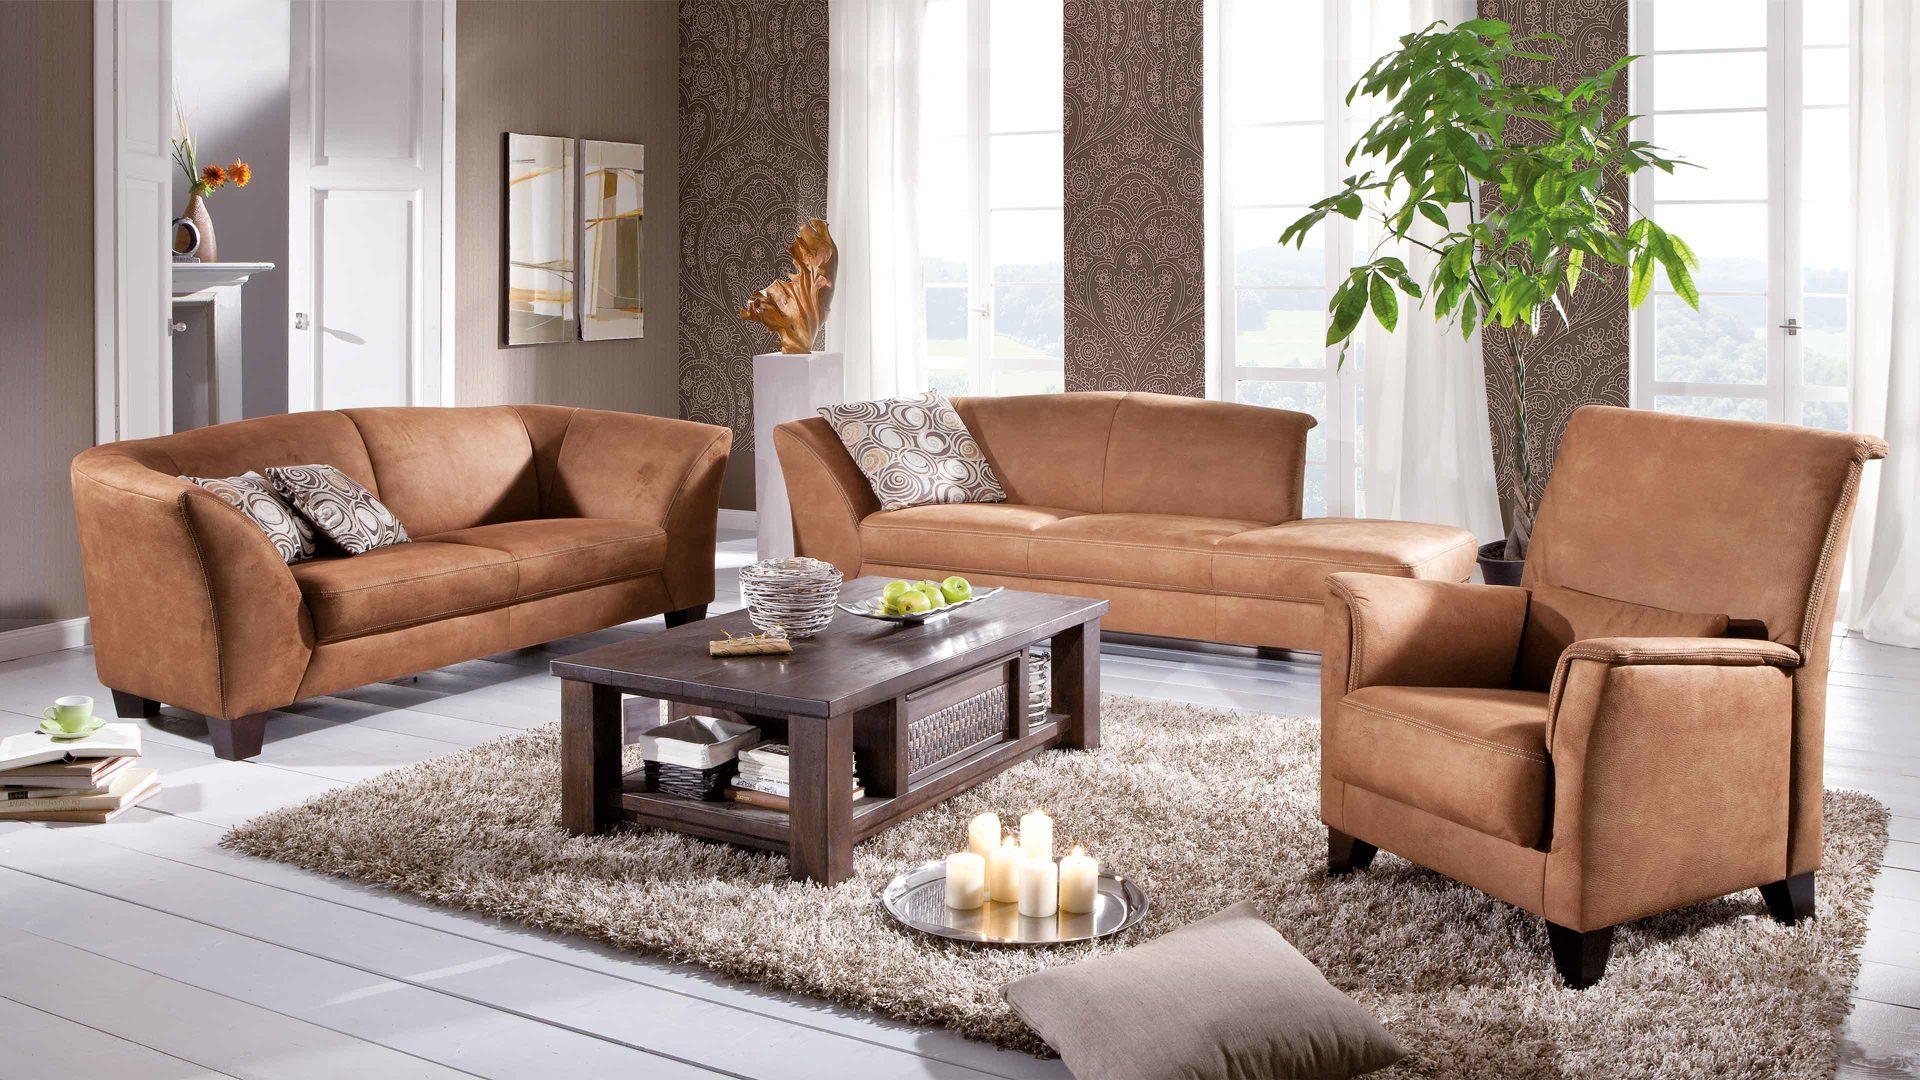 WOODS & TRENDS 3-Sitzer, 2-Sitzer und Sessel mit Federkern und, Bad ...